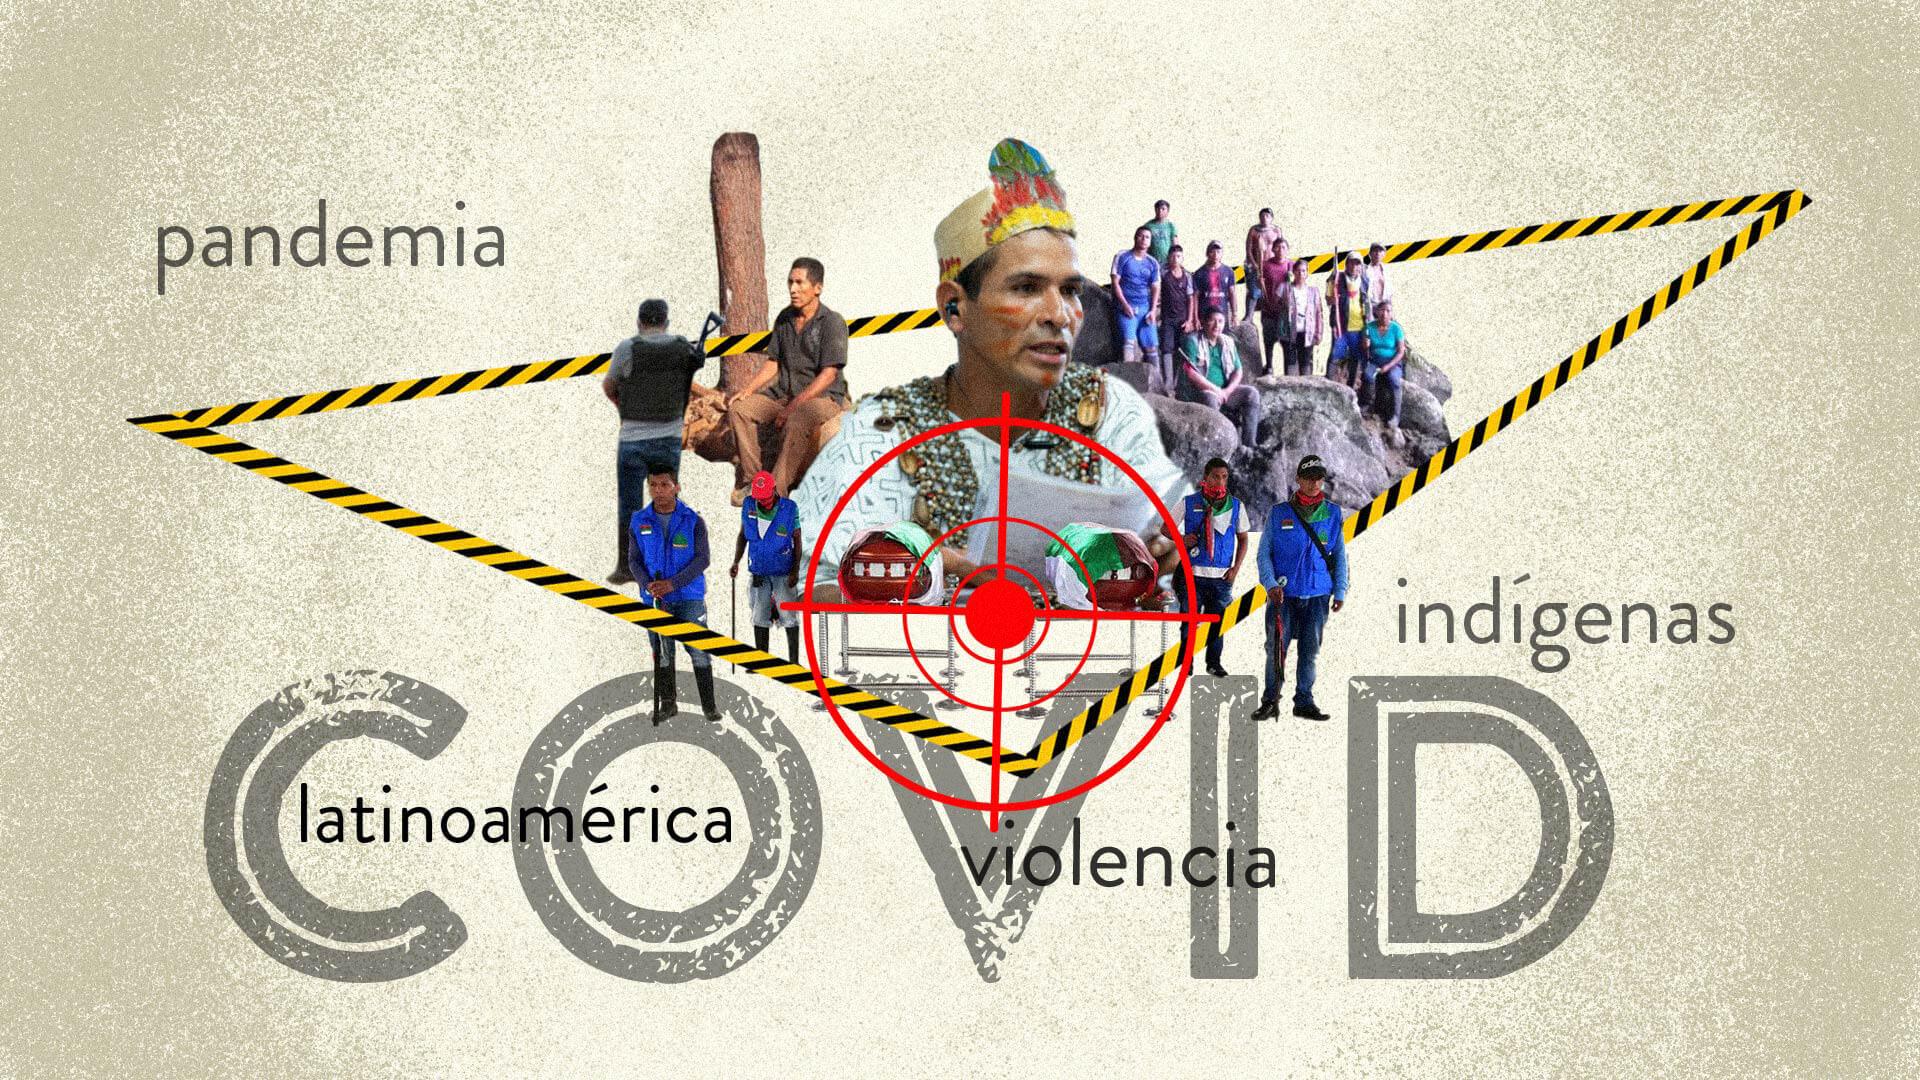 La pandemia agudiza, aún más, la violencia contra los indígenas de América Latina